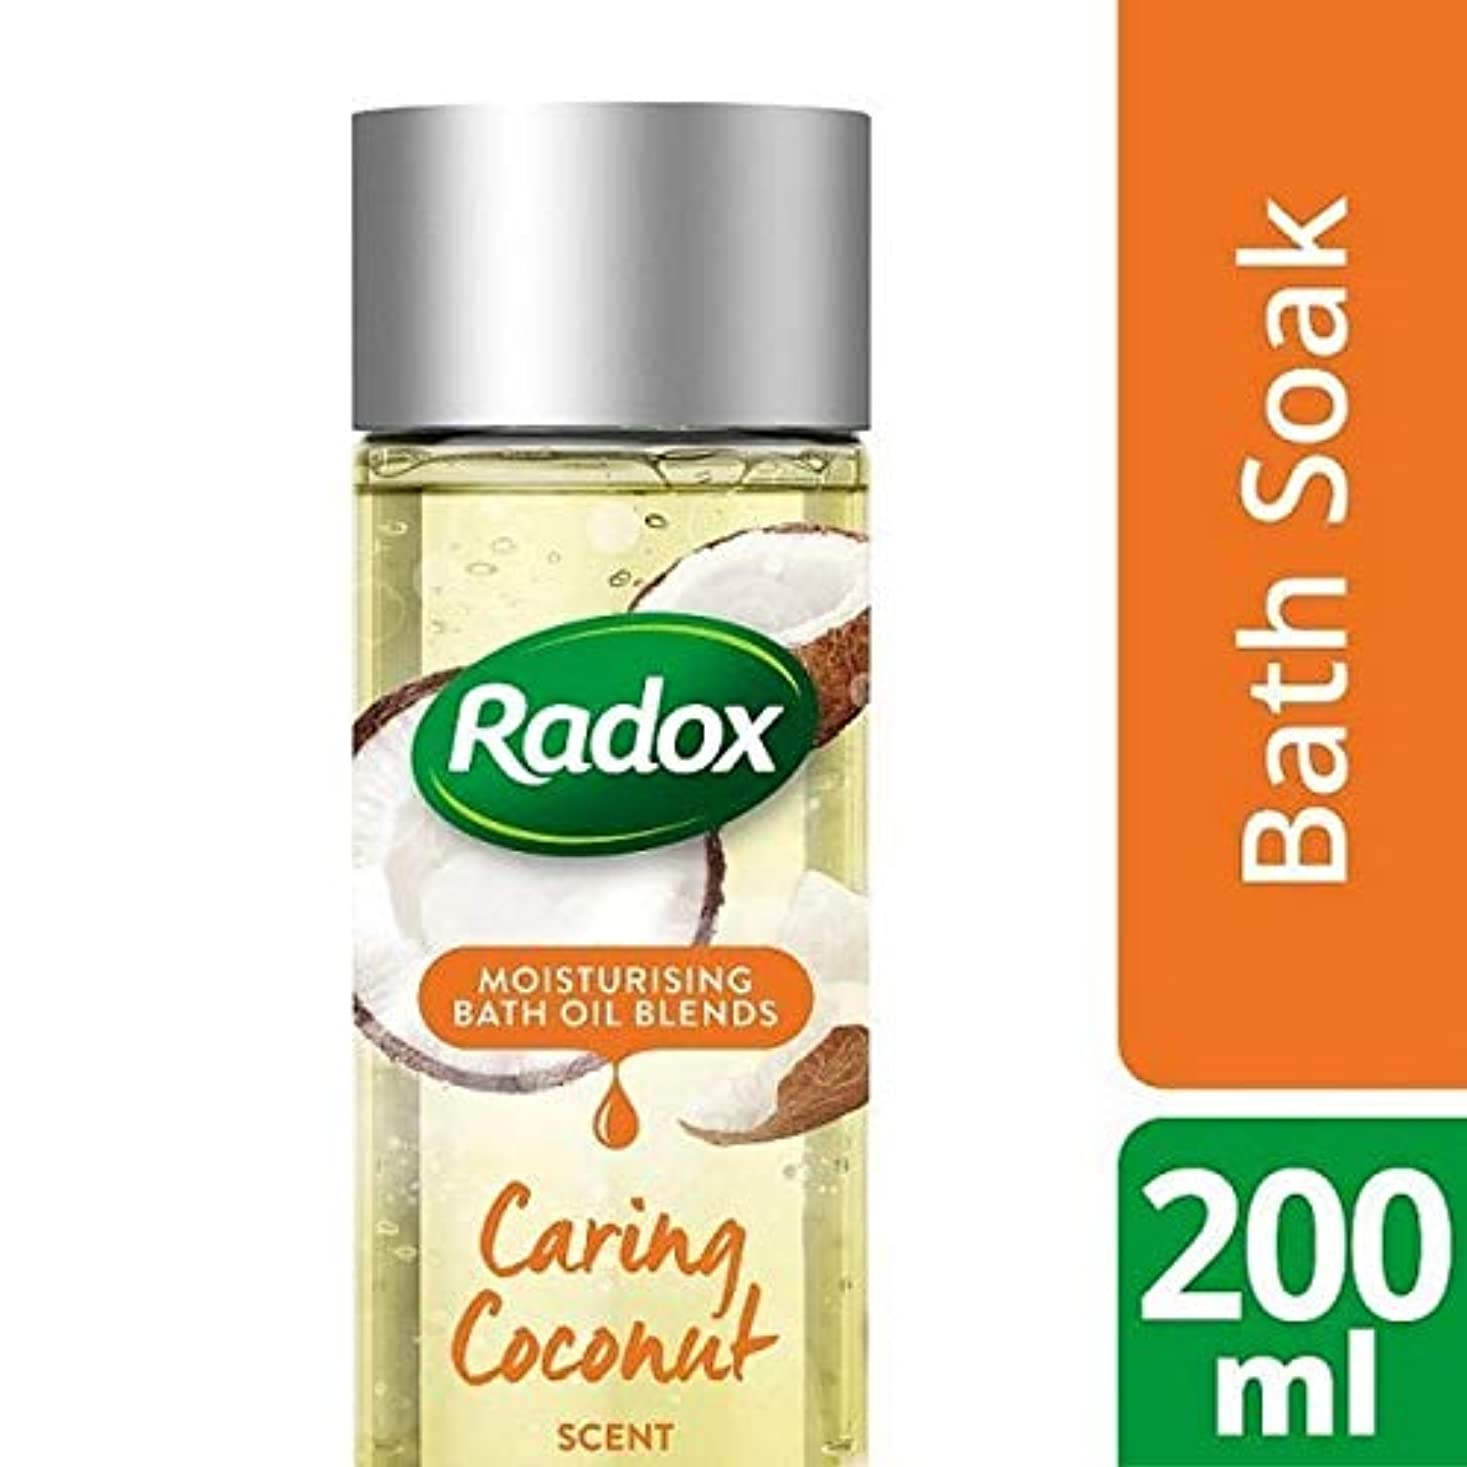 微弱三角最初に[Radox] Radoxのバスオイル思いやりのあるココナッツの香りの200ミリリットル - Radox Bath Oil Caring Coconut Scent 200ml [並行輸入品]